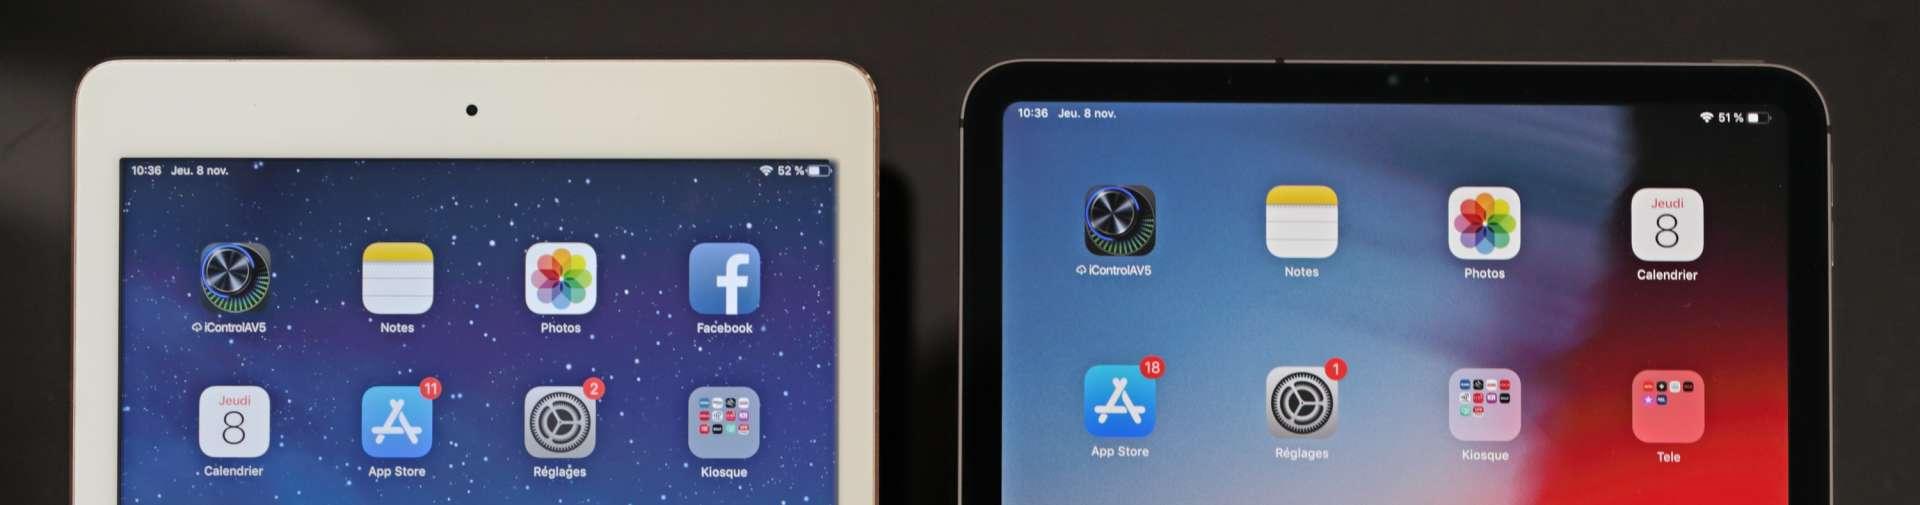 Le dessin classique de l iPad comporte d importantes marges supérieures et  inférieures que l iPad Pro 11 gomme en grande partie. NICOLAS SIX   LE MONDE 22dd21d14fa9